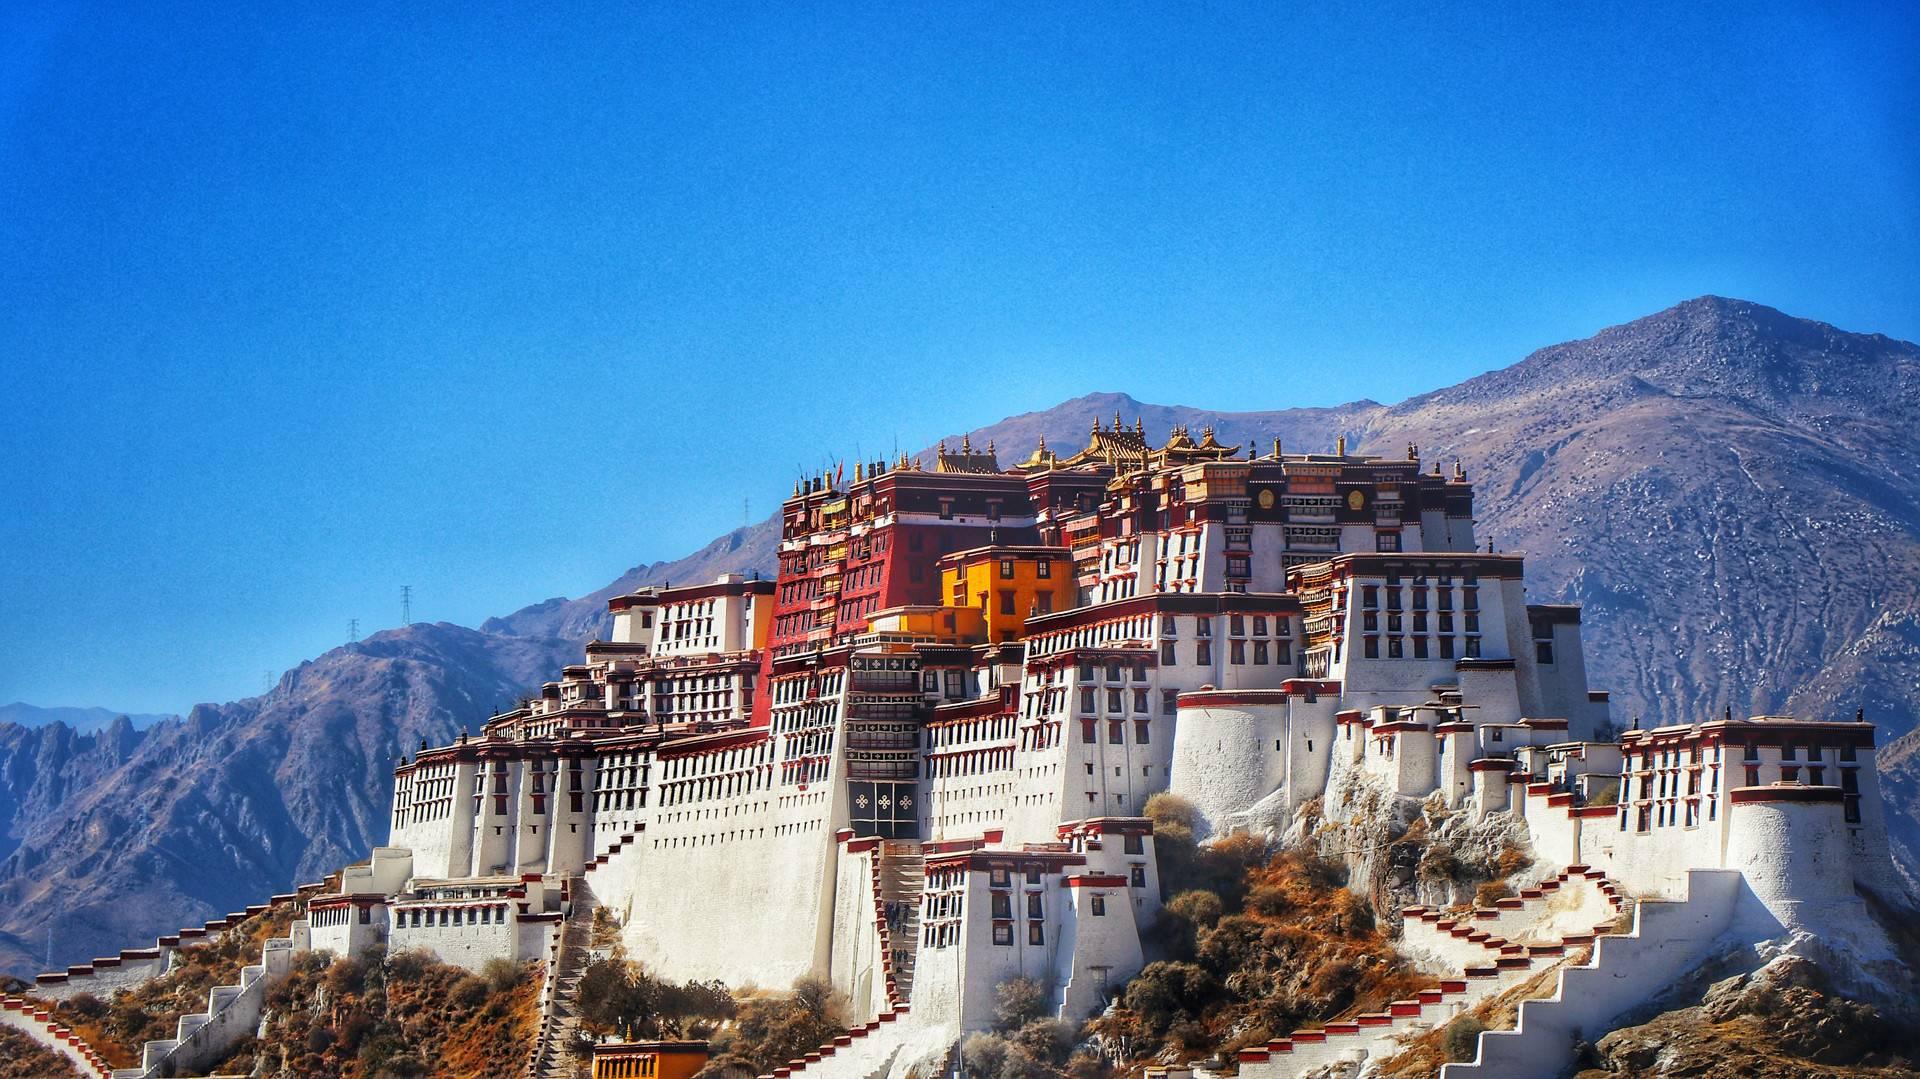 【臻享西藏】西藏·波密桃花沟+拉萨布达拉宫+青海湖·8天7晚